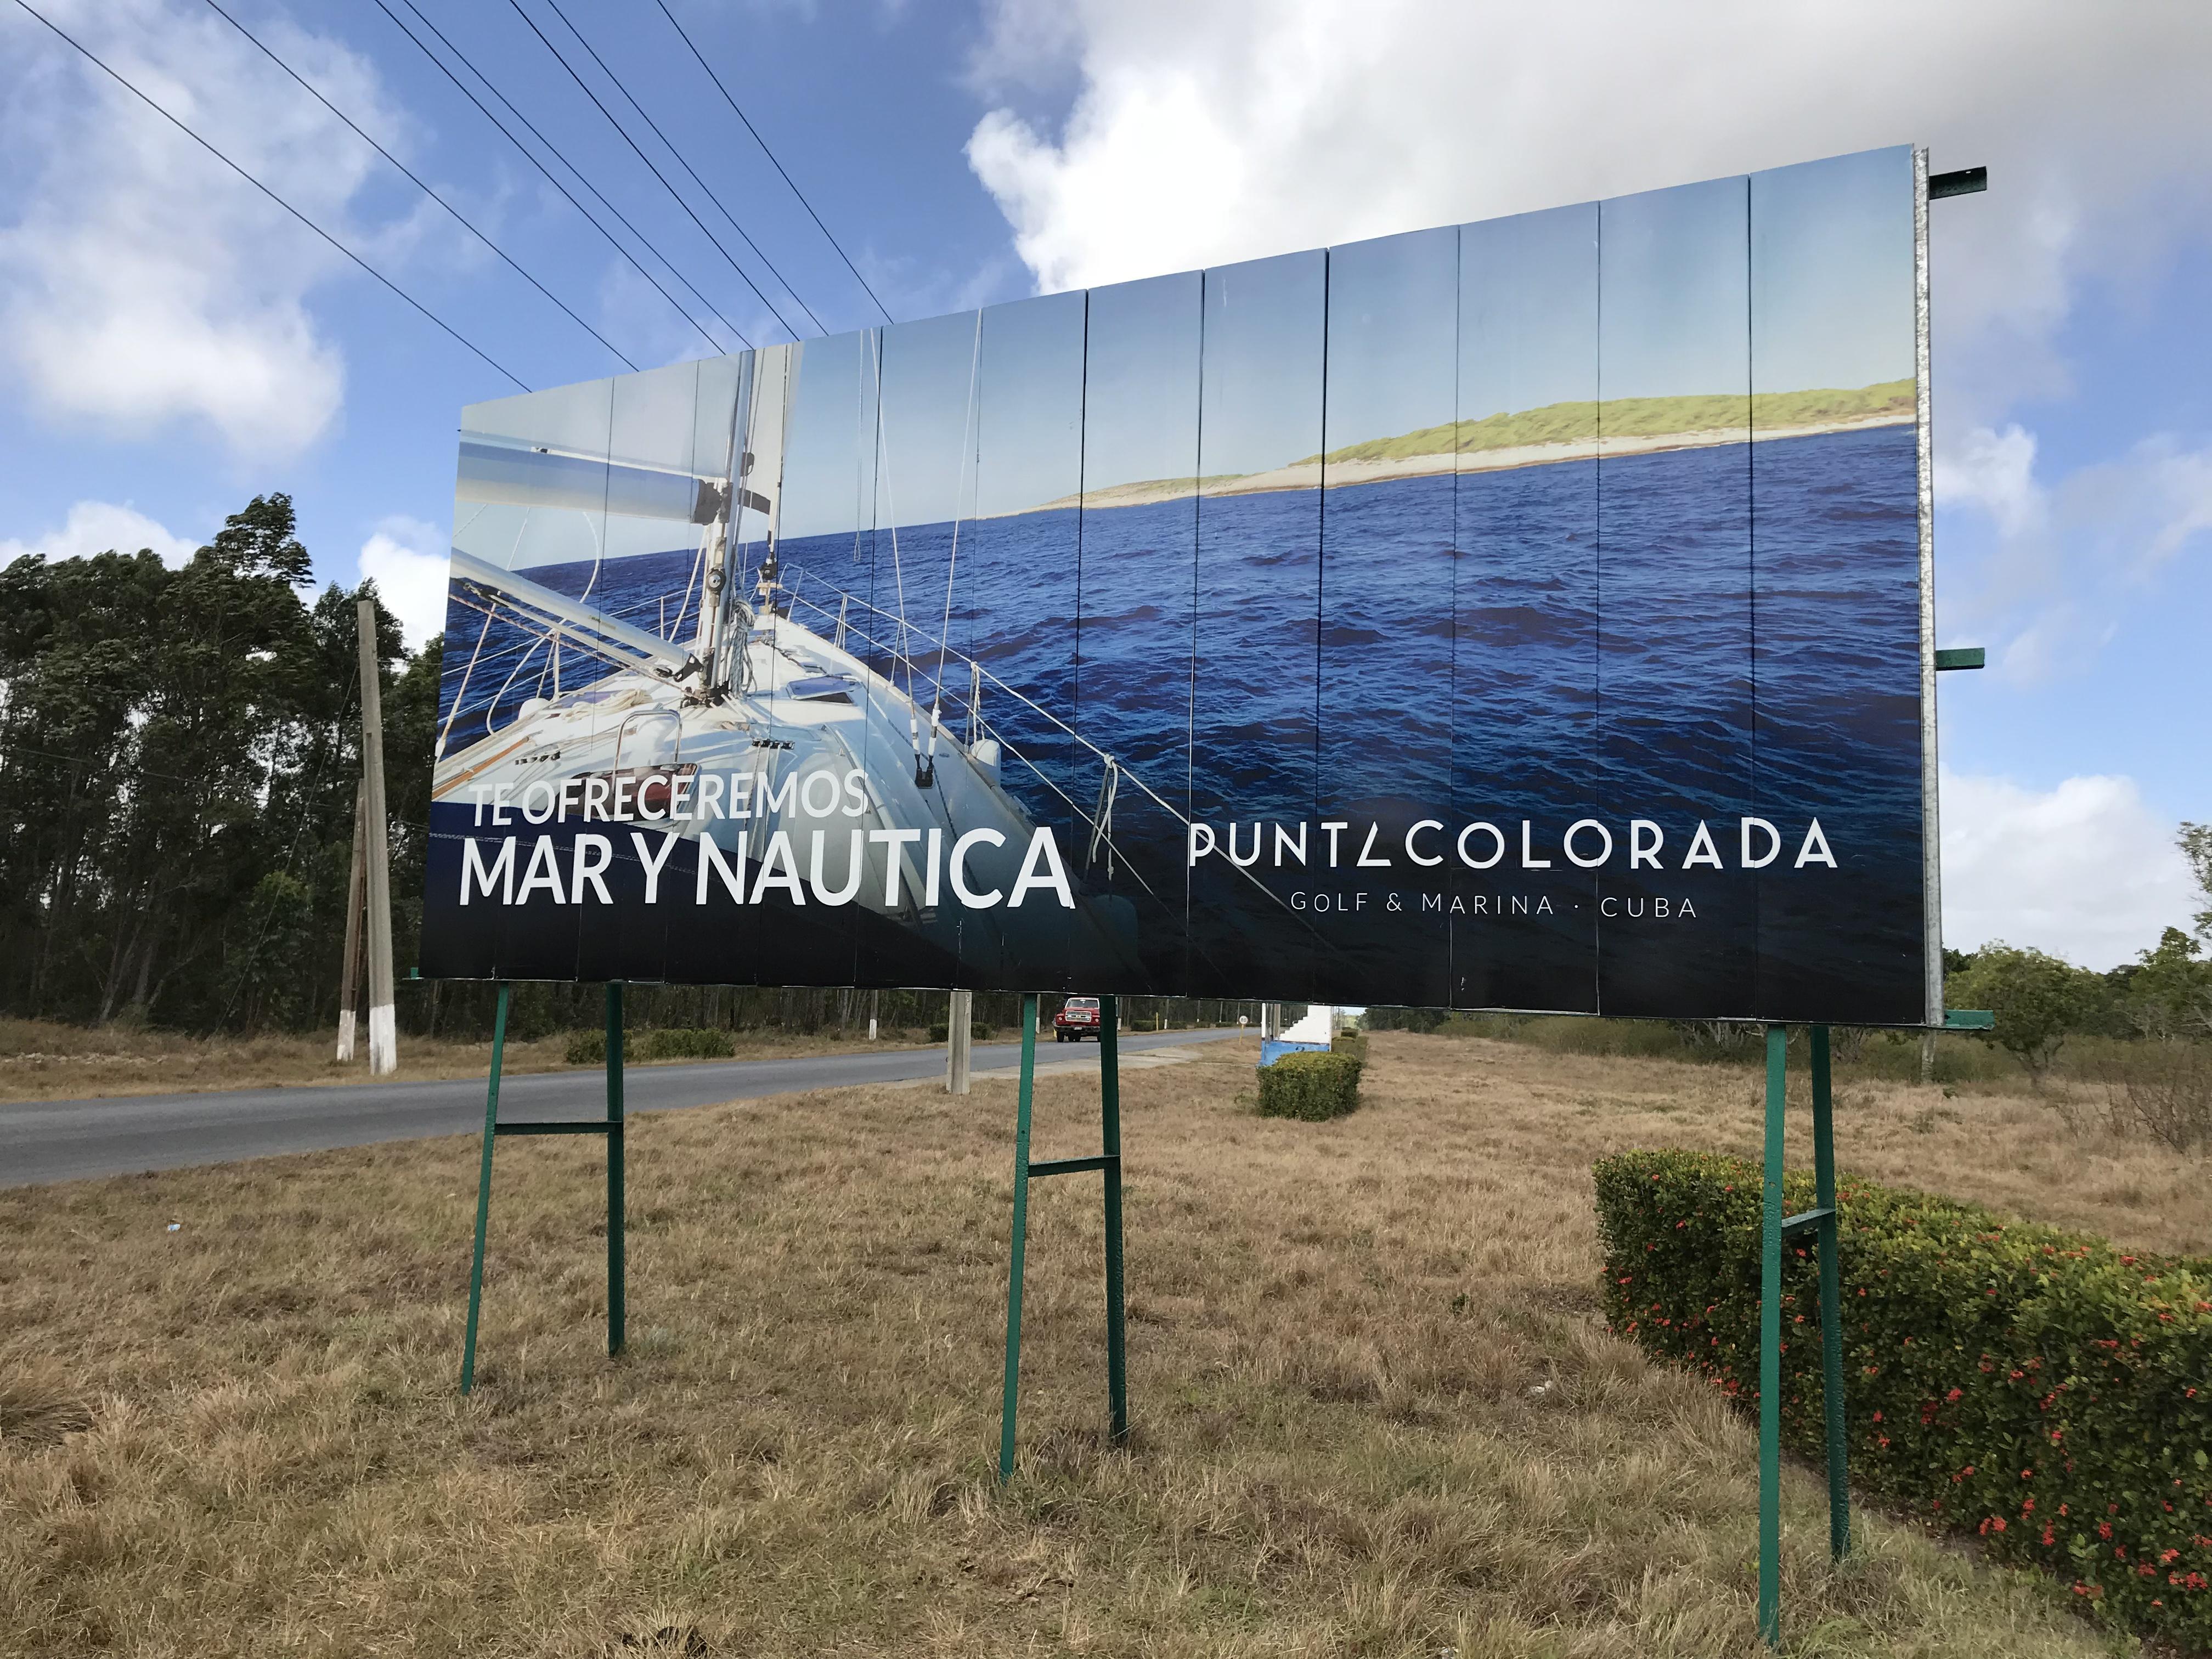 En fase de ejecución megaproyecto de campos de golf en oeste de Cuba *